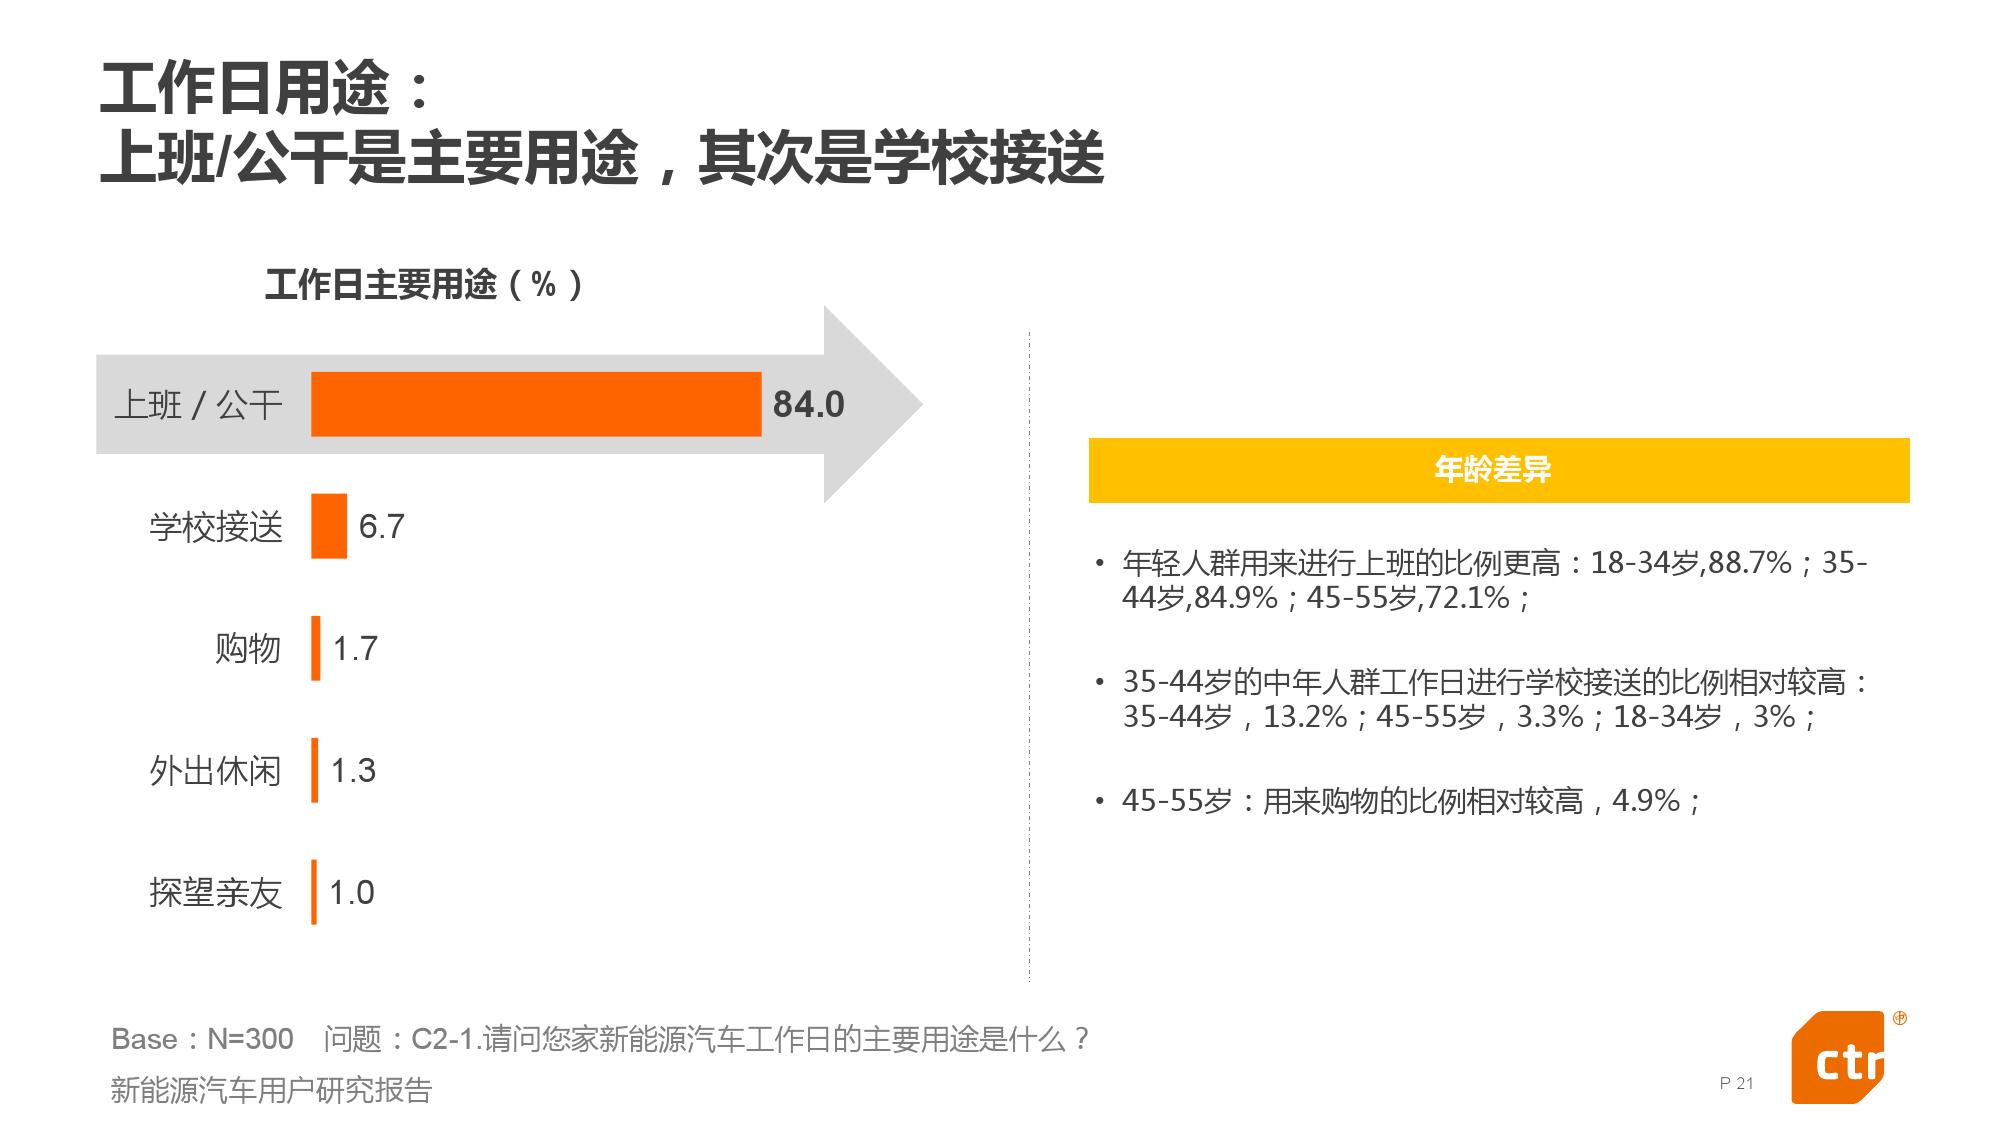 新能源汽车用户研究报告_000021